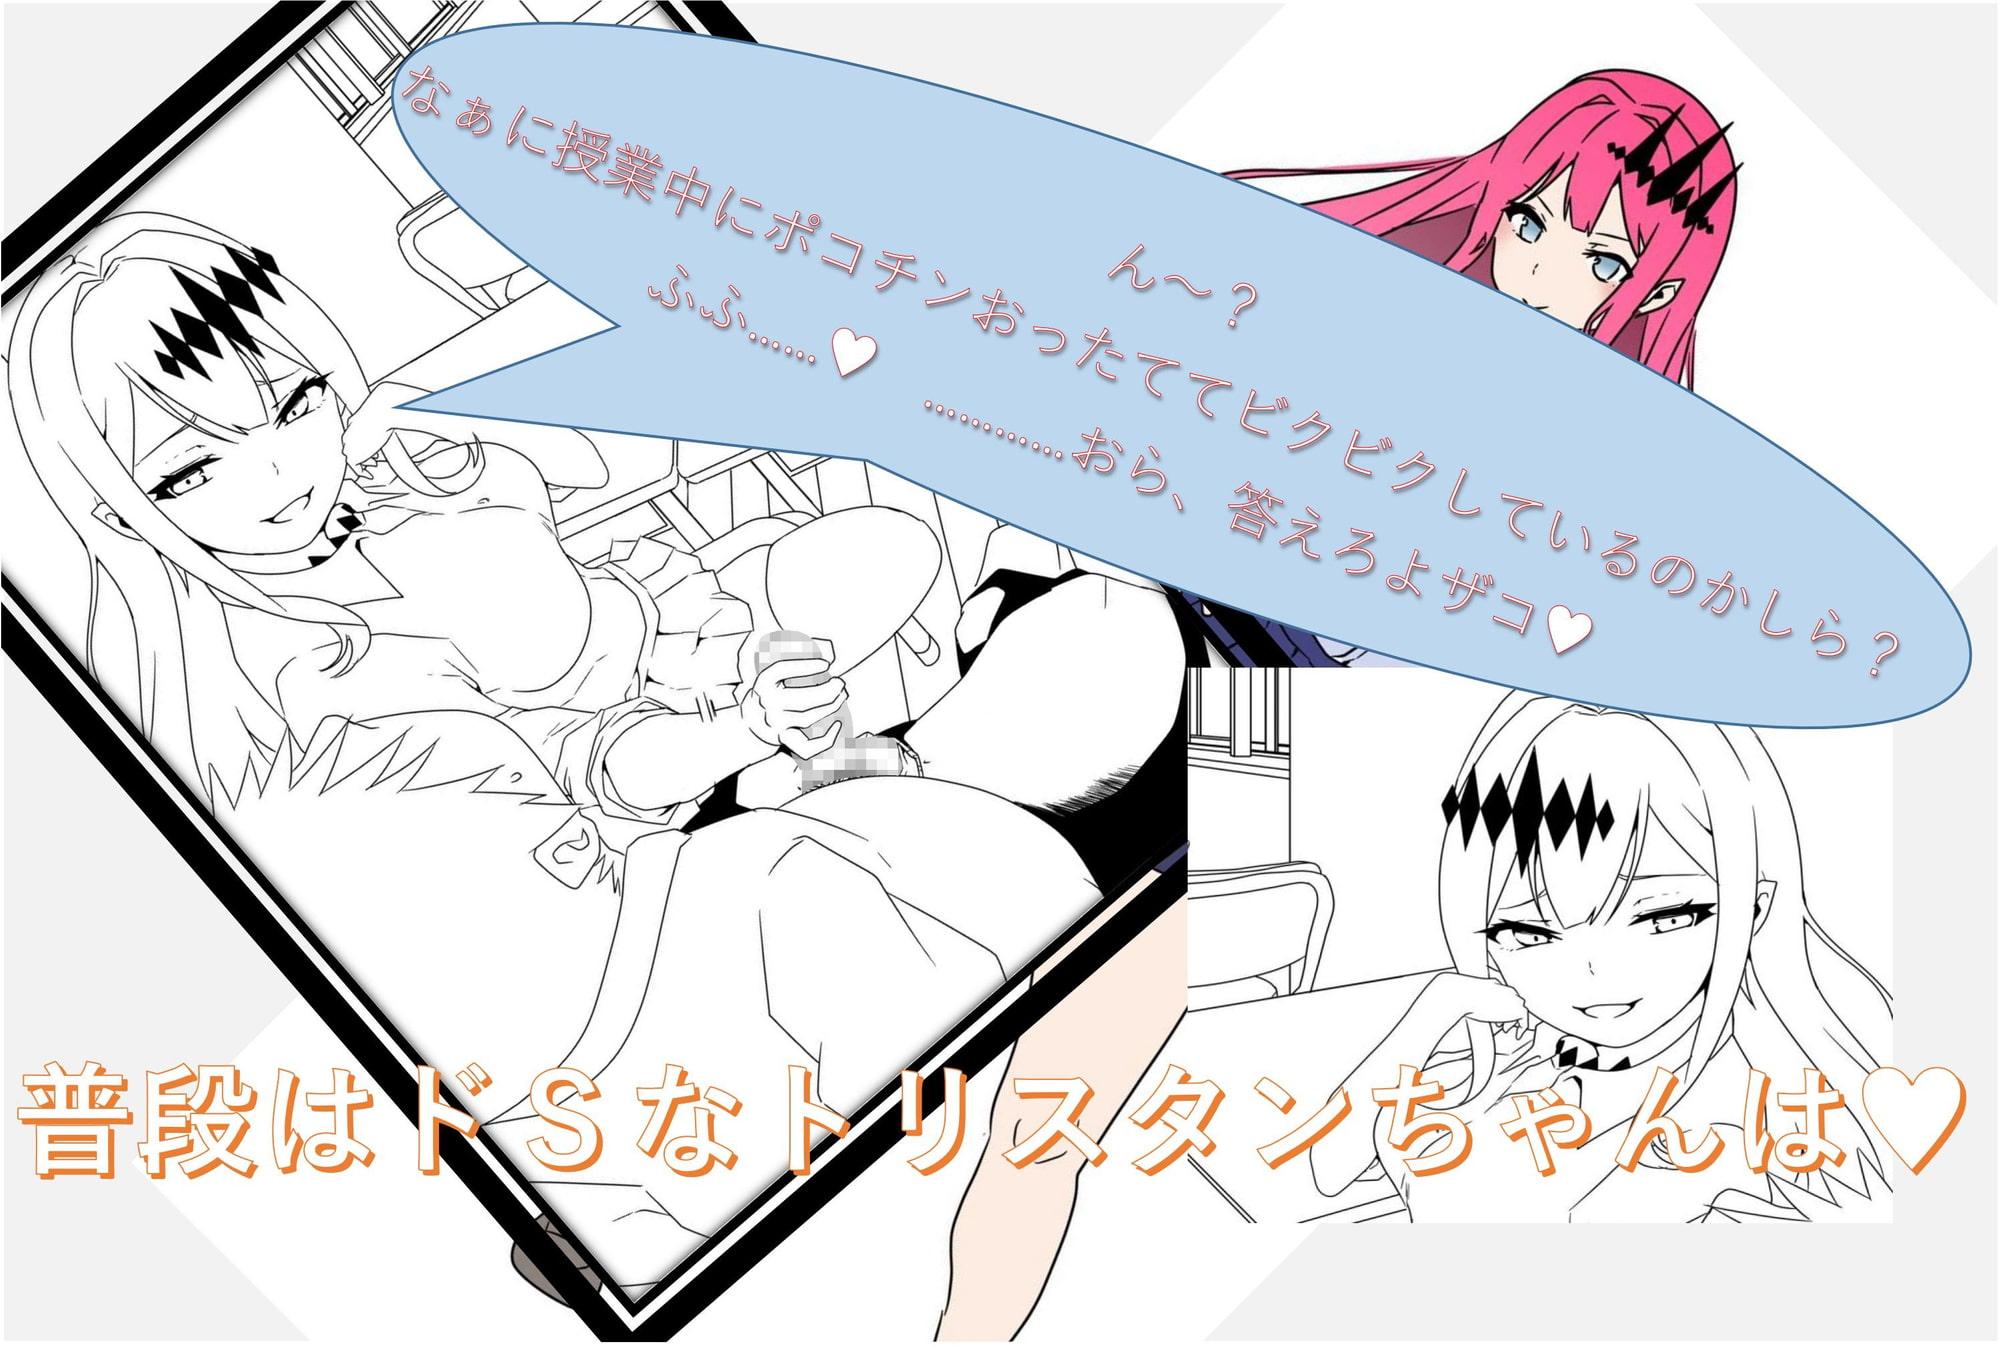 架空都市・渋成の日常 外伝2~ドSぶったドMブタちゃん~